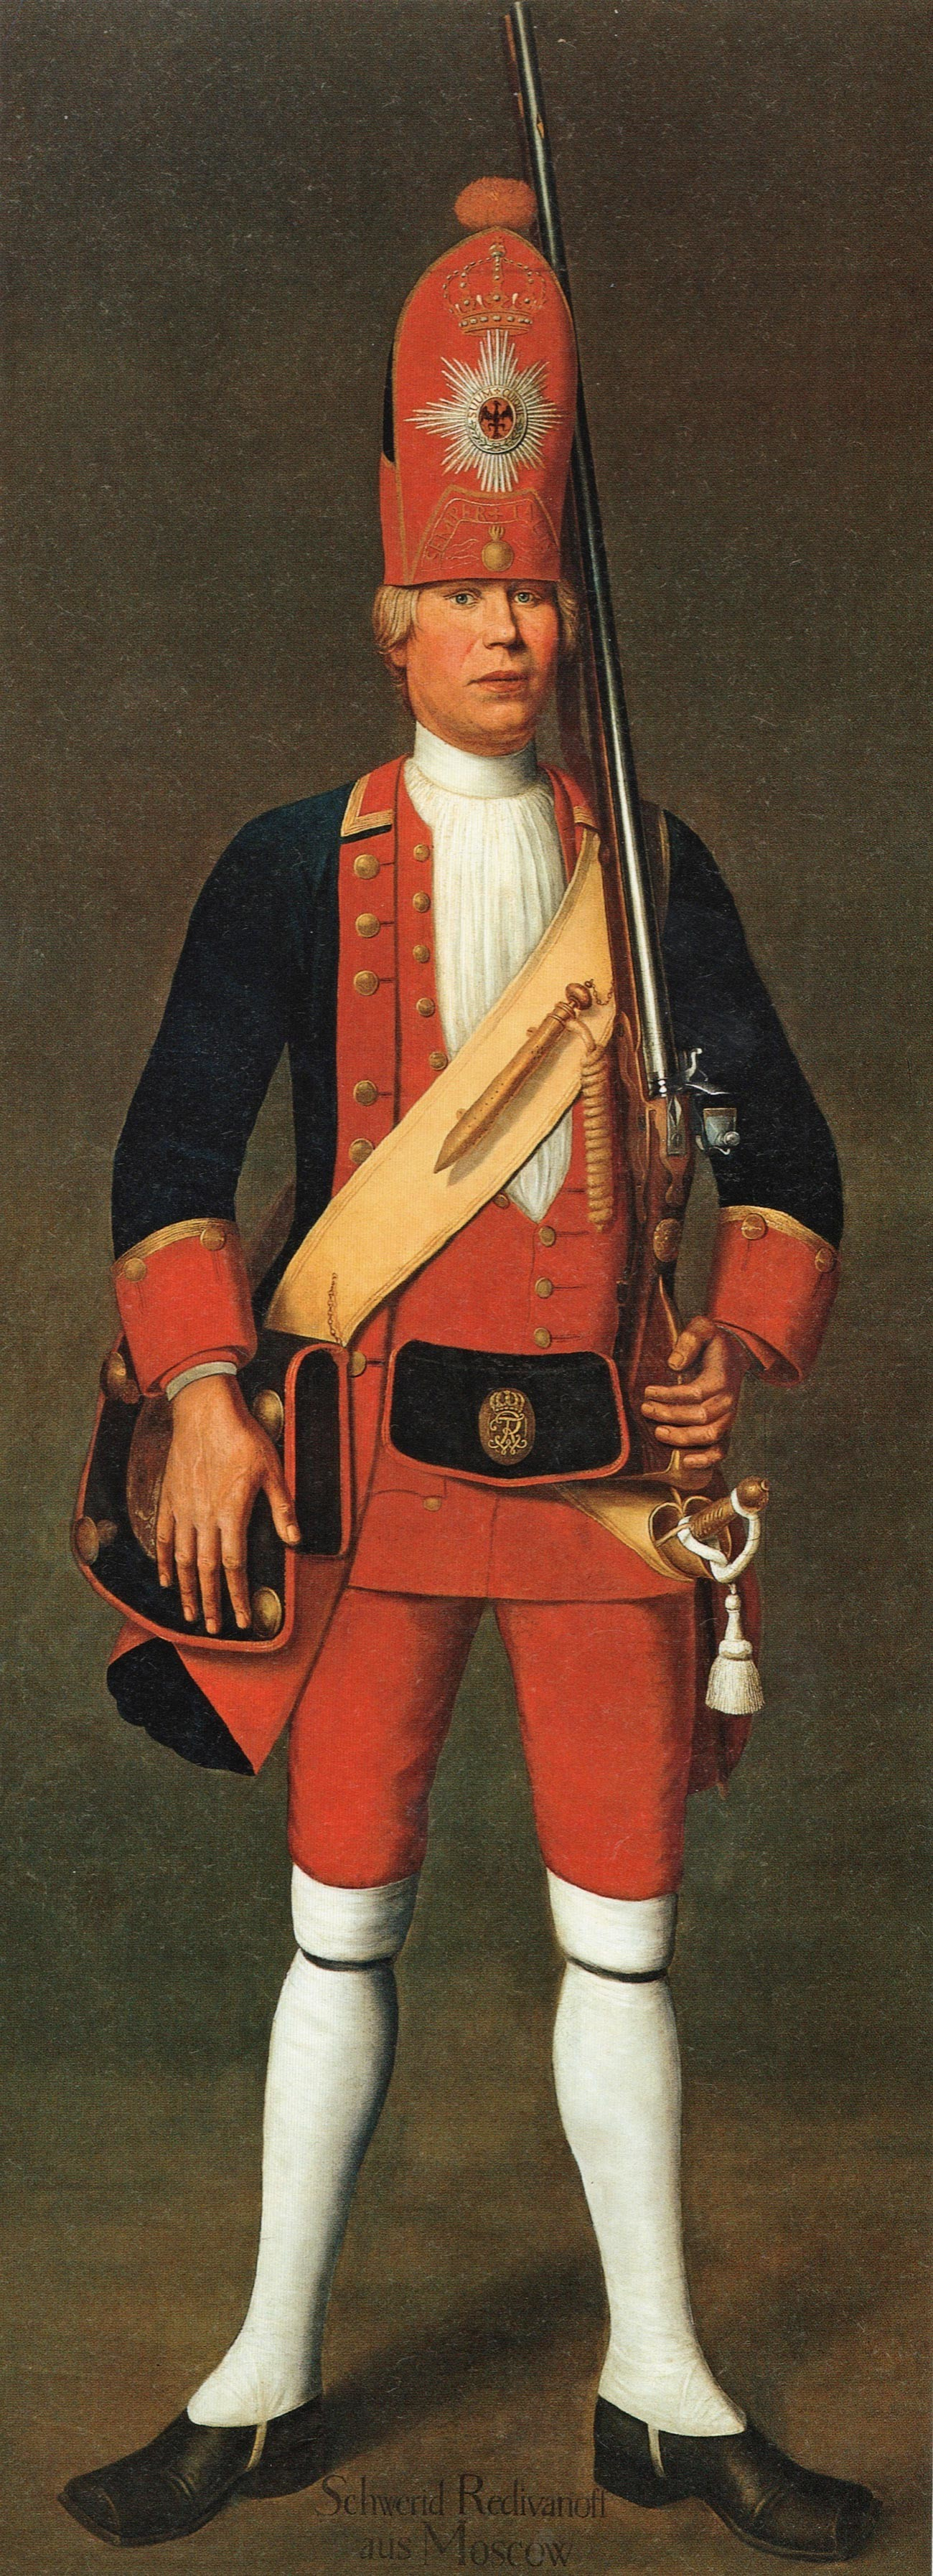 Портрет на пешадинецот Свирид Редиванов (Родионов) од Москва кого рускиот император му го подарил на прускиот крал во замена за Килибарната соба.